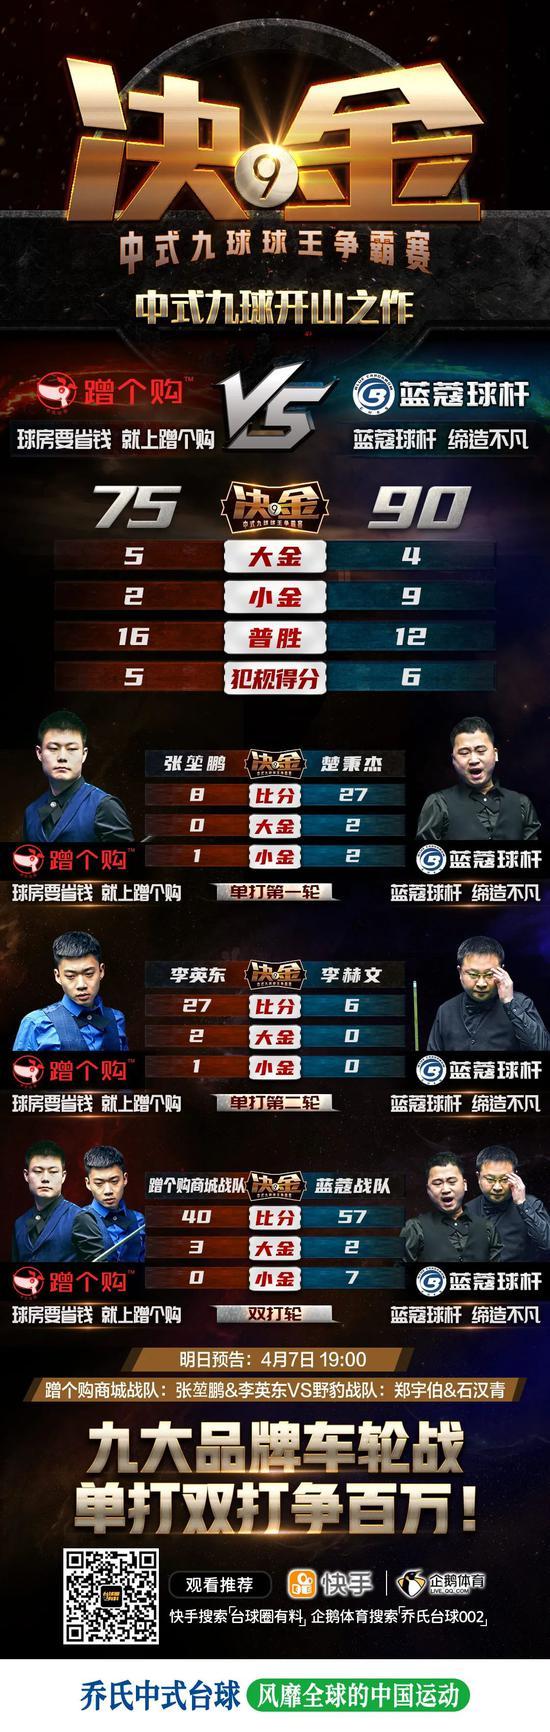 中式九球决金第三季揭幕战 楚秉杰李赫文超分取胜